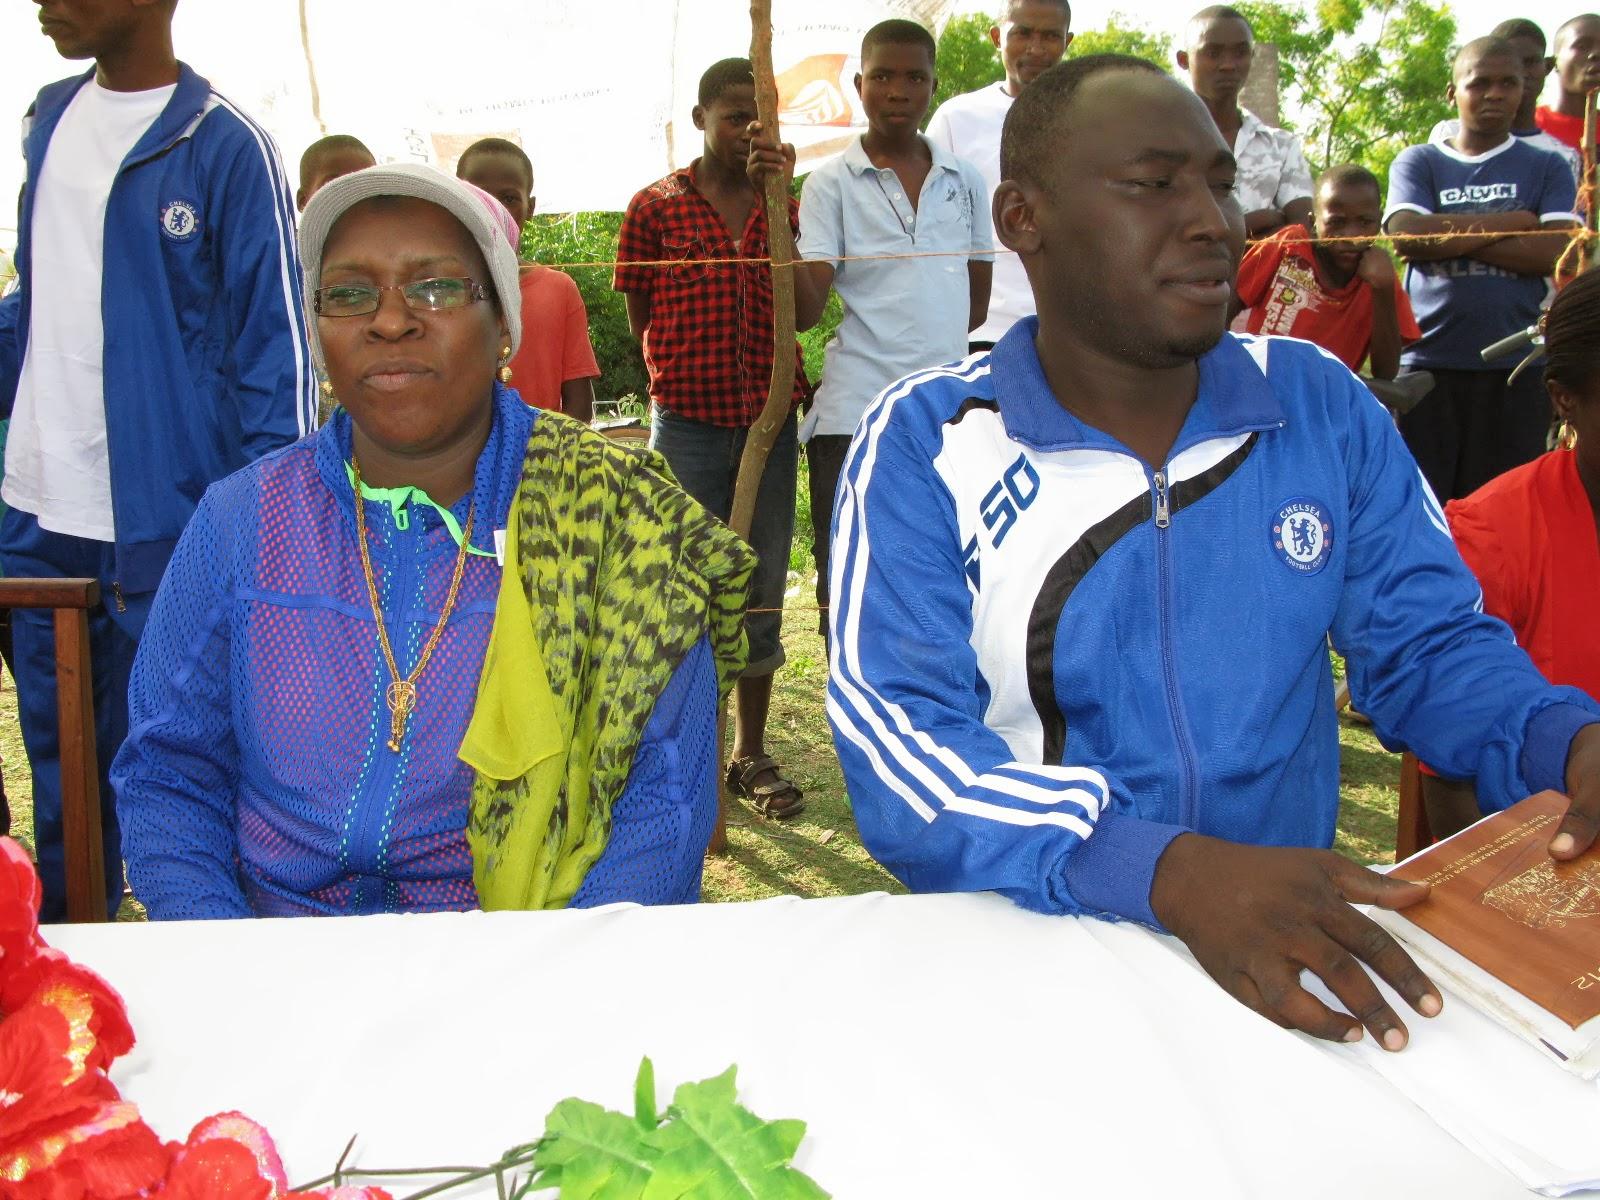 g sambweti mwidau cup yarindima wilayani pangani mkoani